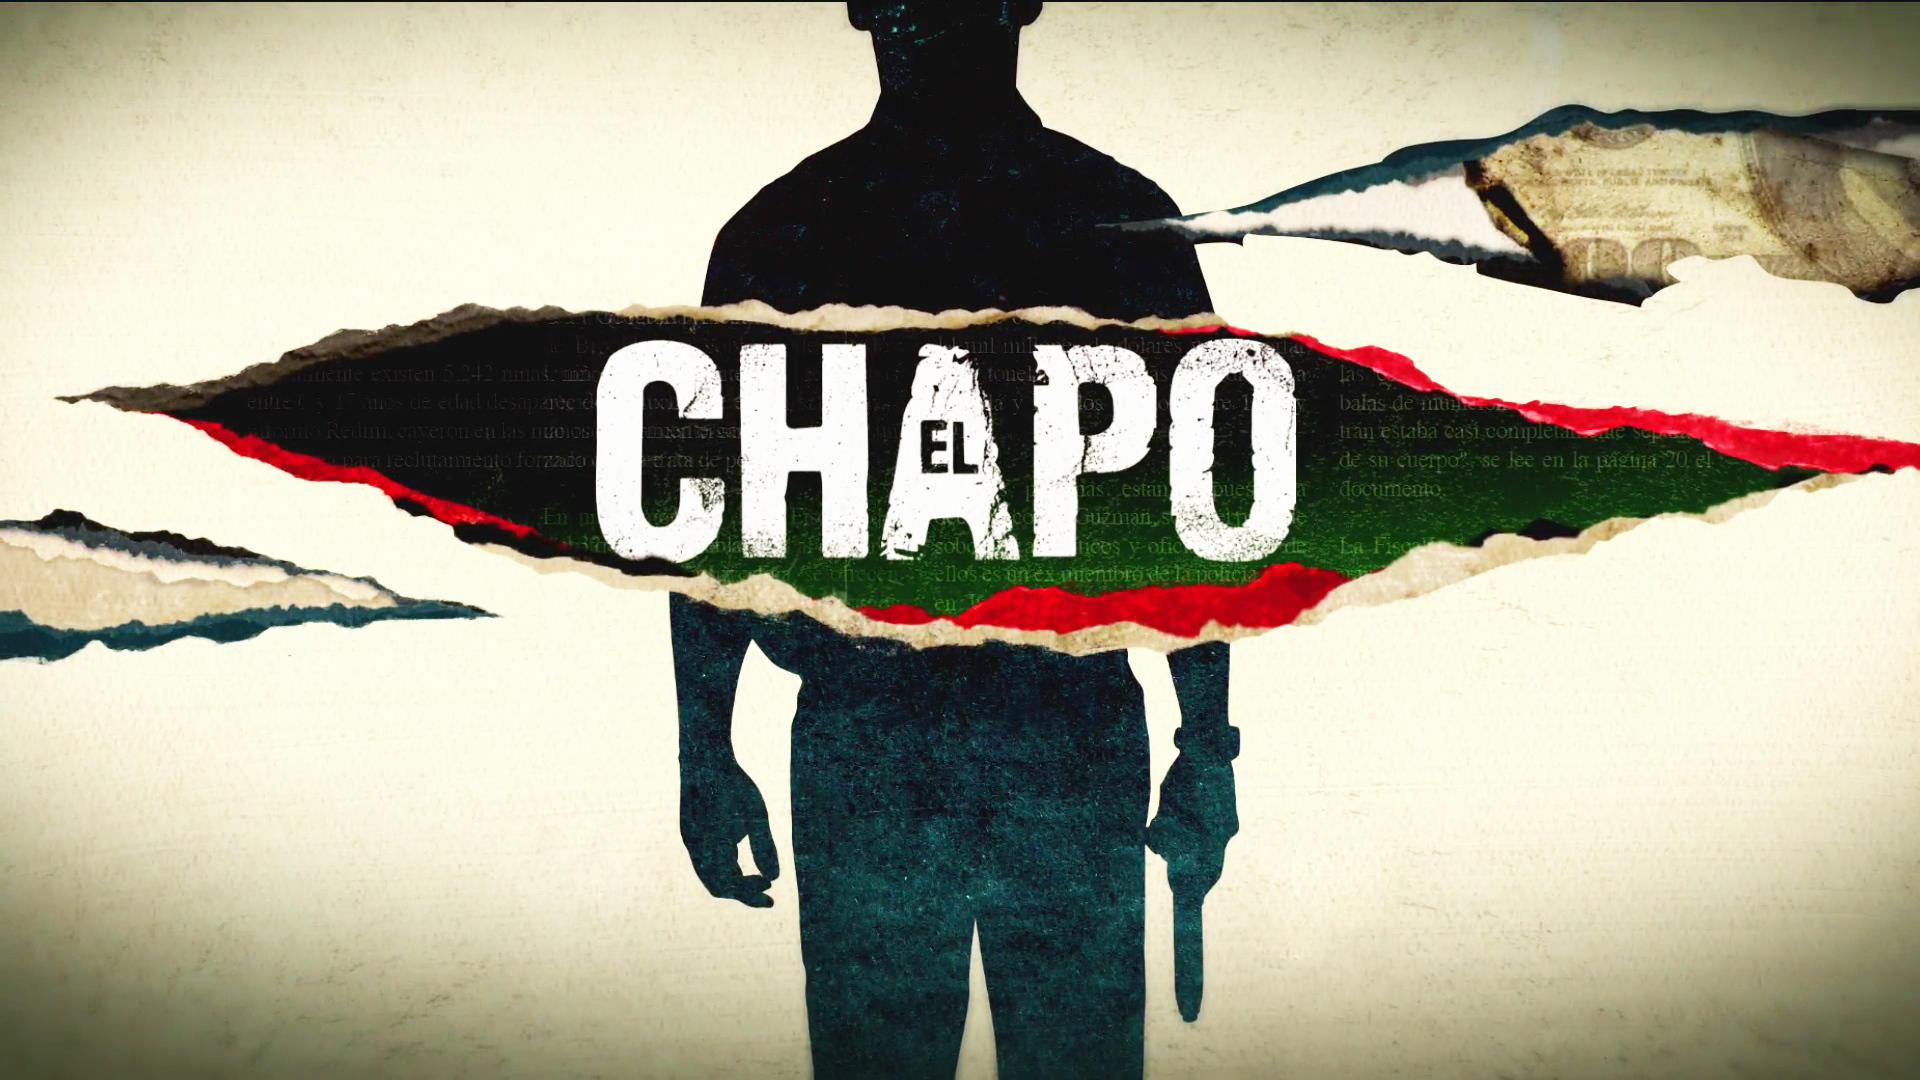 El Chapo s01 Complete German dd51 ml 1080p NetflixUHD x264 tvs